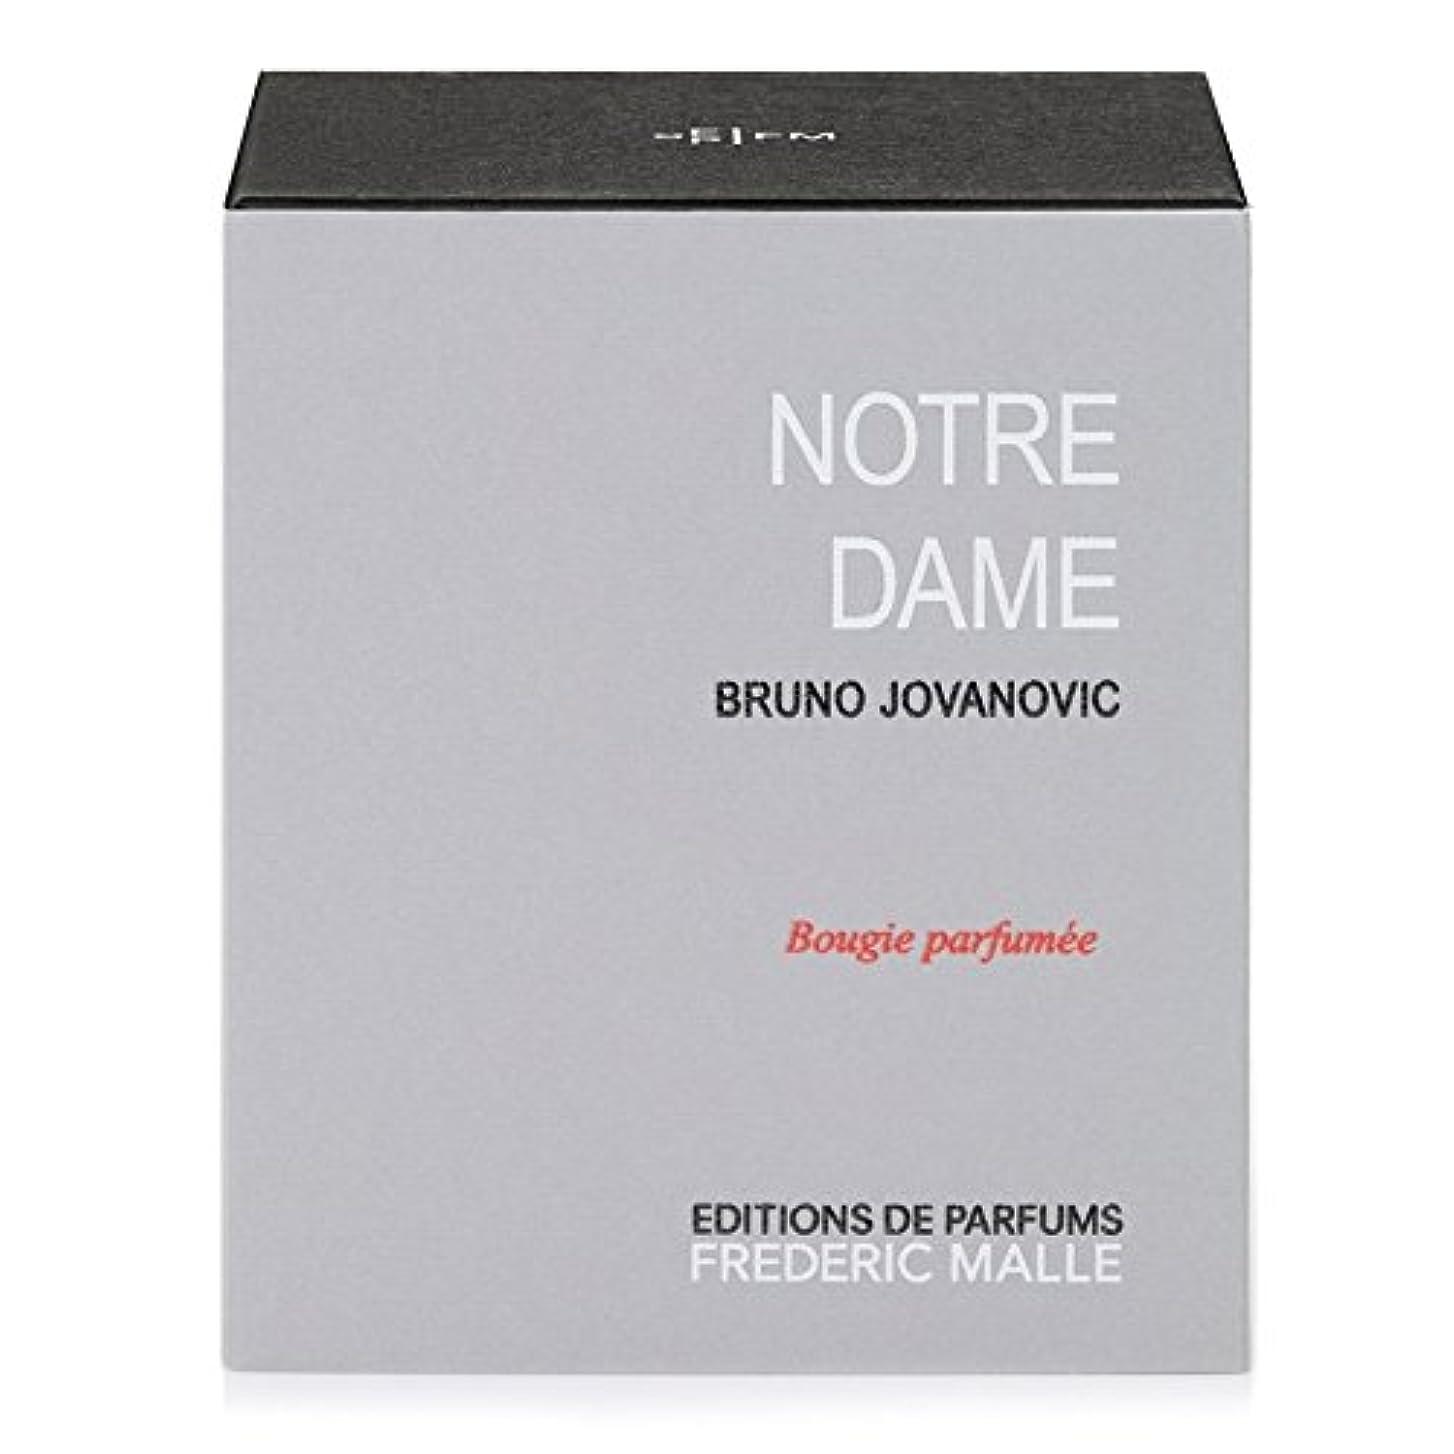 待つ征服者花瓶フレデリック?マルノートルダム香りのキャンドル220グラム x6 - Frederic Malle Notre Dame Scented Candle 220g (Pack of 6) [並行輸入品]